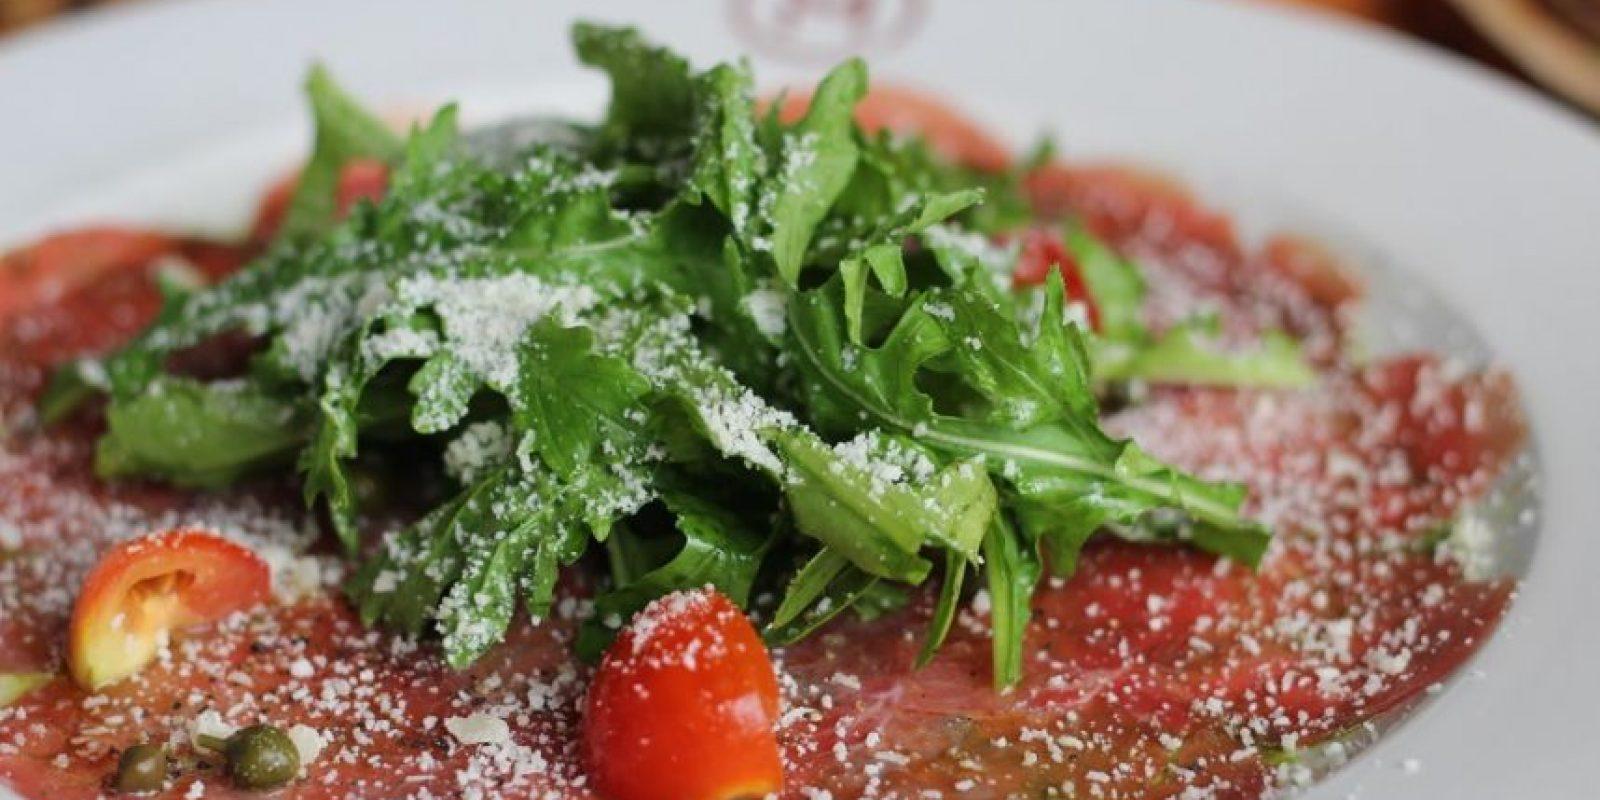 Carpaccio de res. Acompañado de rúcula fresca, tomaticos, alcaparritas y queso parmesano.